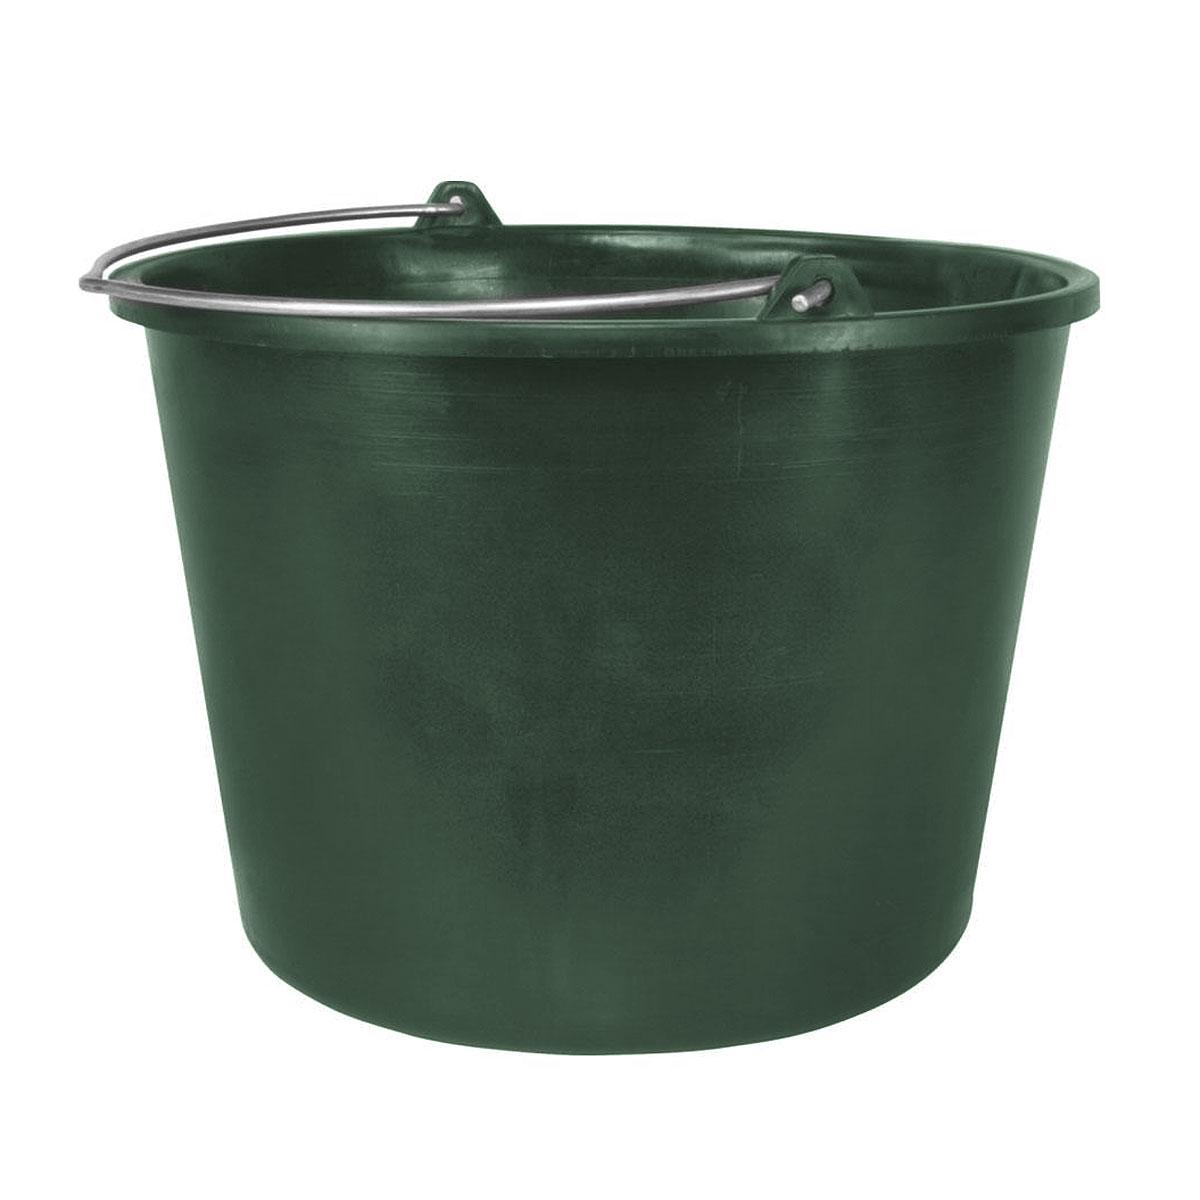 Ведро строительное Альтернатива, цвет: зеленый, 15 лМ3022Круглое ведро Альтернатива изготовлено из высококачественного пластика. Оно легче железного и не подвержено коррозии. Ведро оснащено жесткой металлической ручкой. Наполненное ведро выдерживает падение с 15 м высоты. Используется для строительных и хозяйственных нужд. Размер: 33 см х 33 см х 26,5 см.